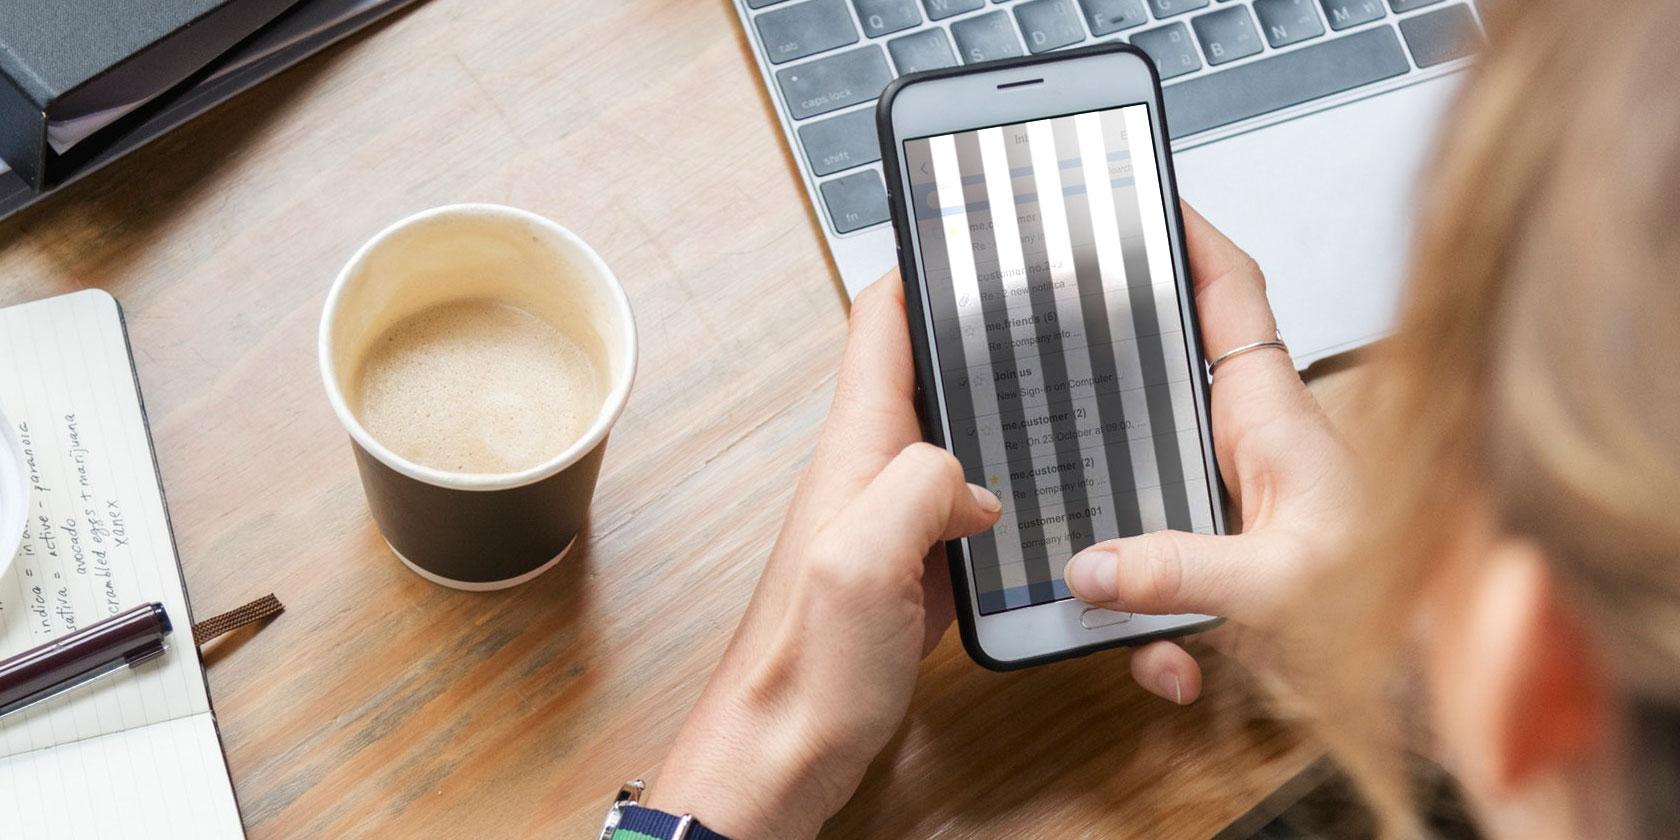 flickering-phone-screen